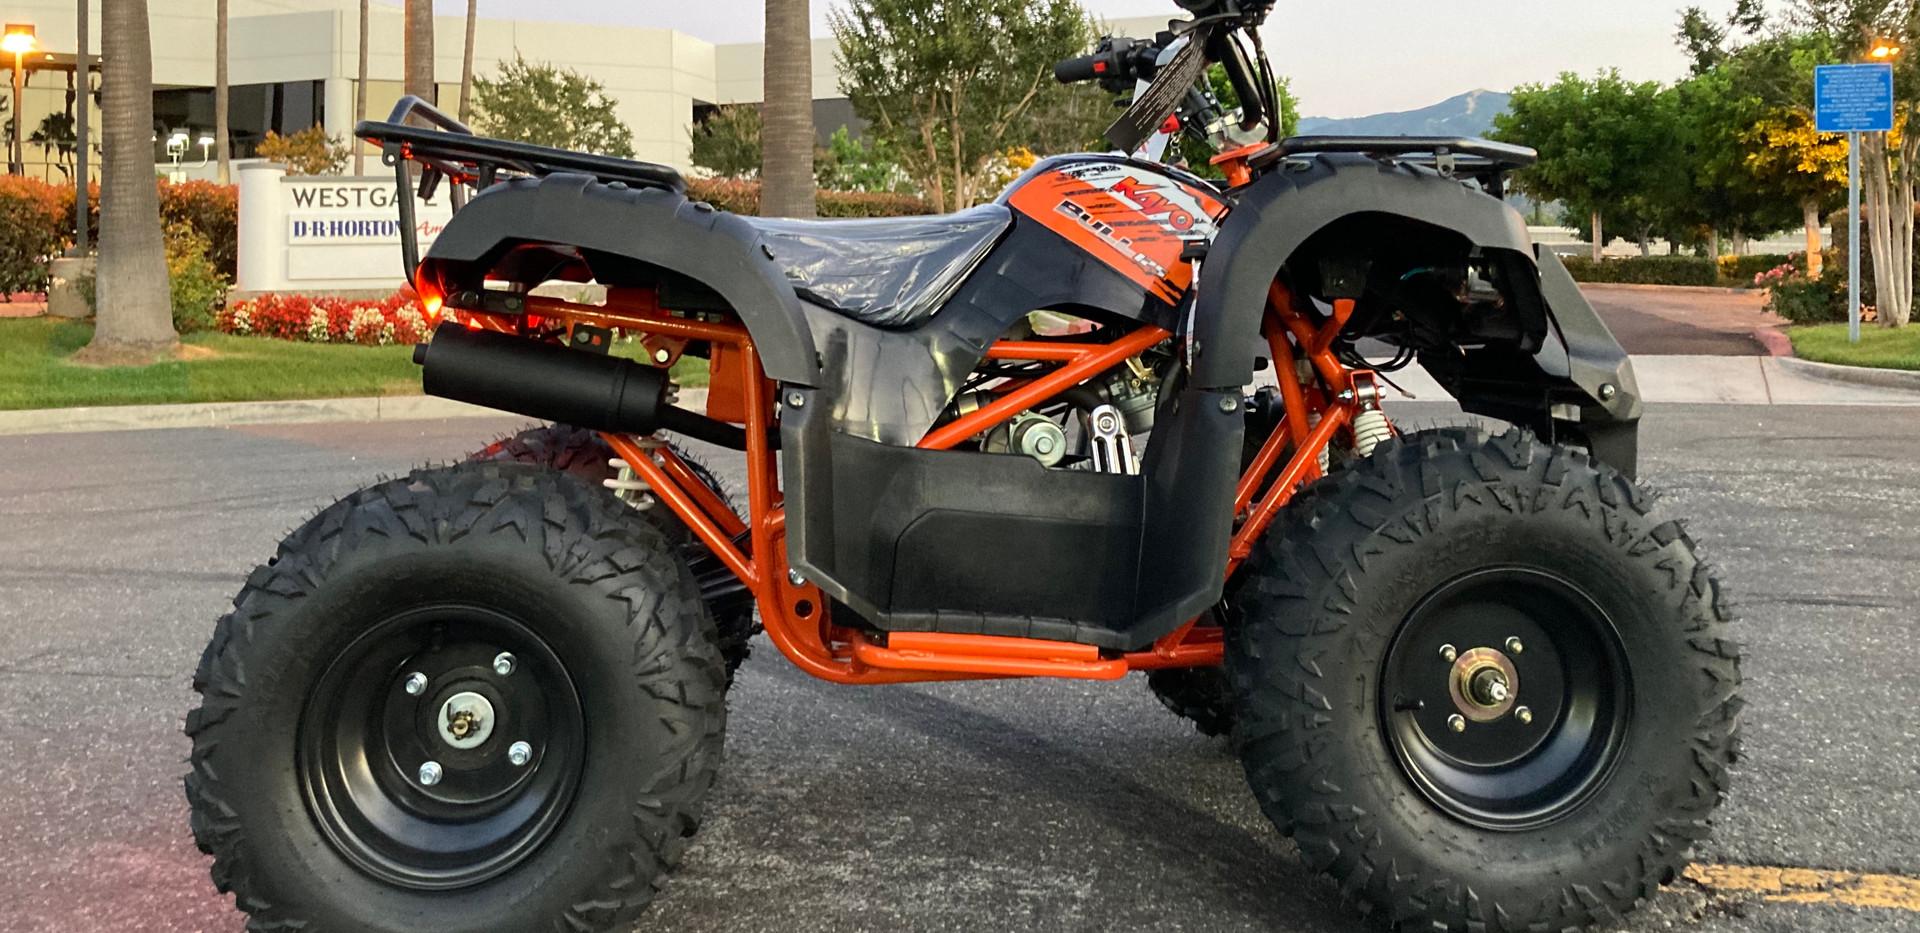 2020 Kayo Bull 125 (Black) (5).JPG